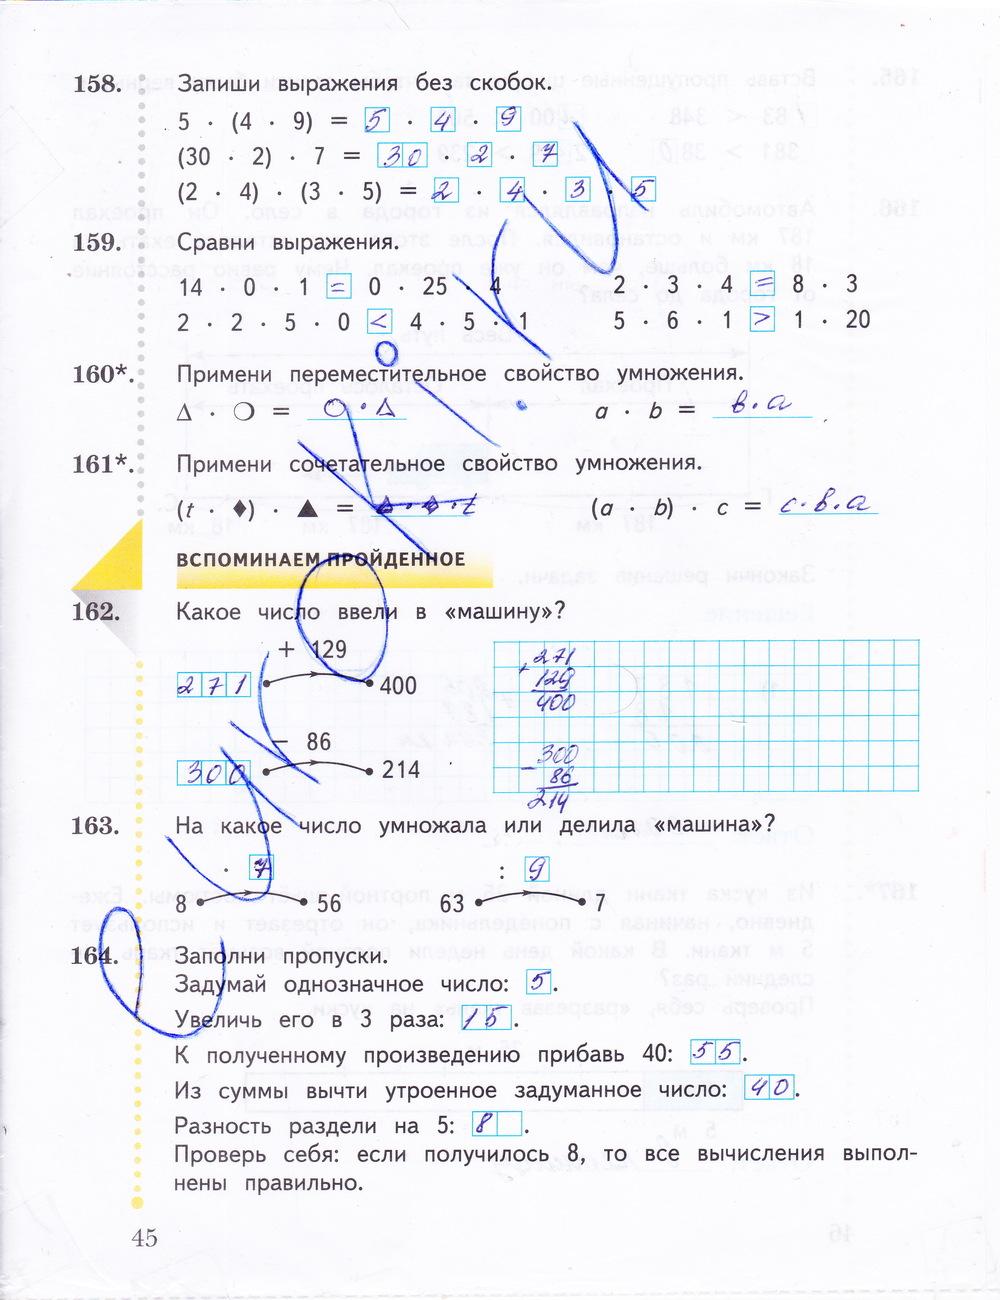 35и5 математика рудницкая больше10 3 в.н класс решебник сумма